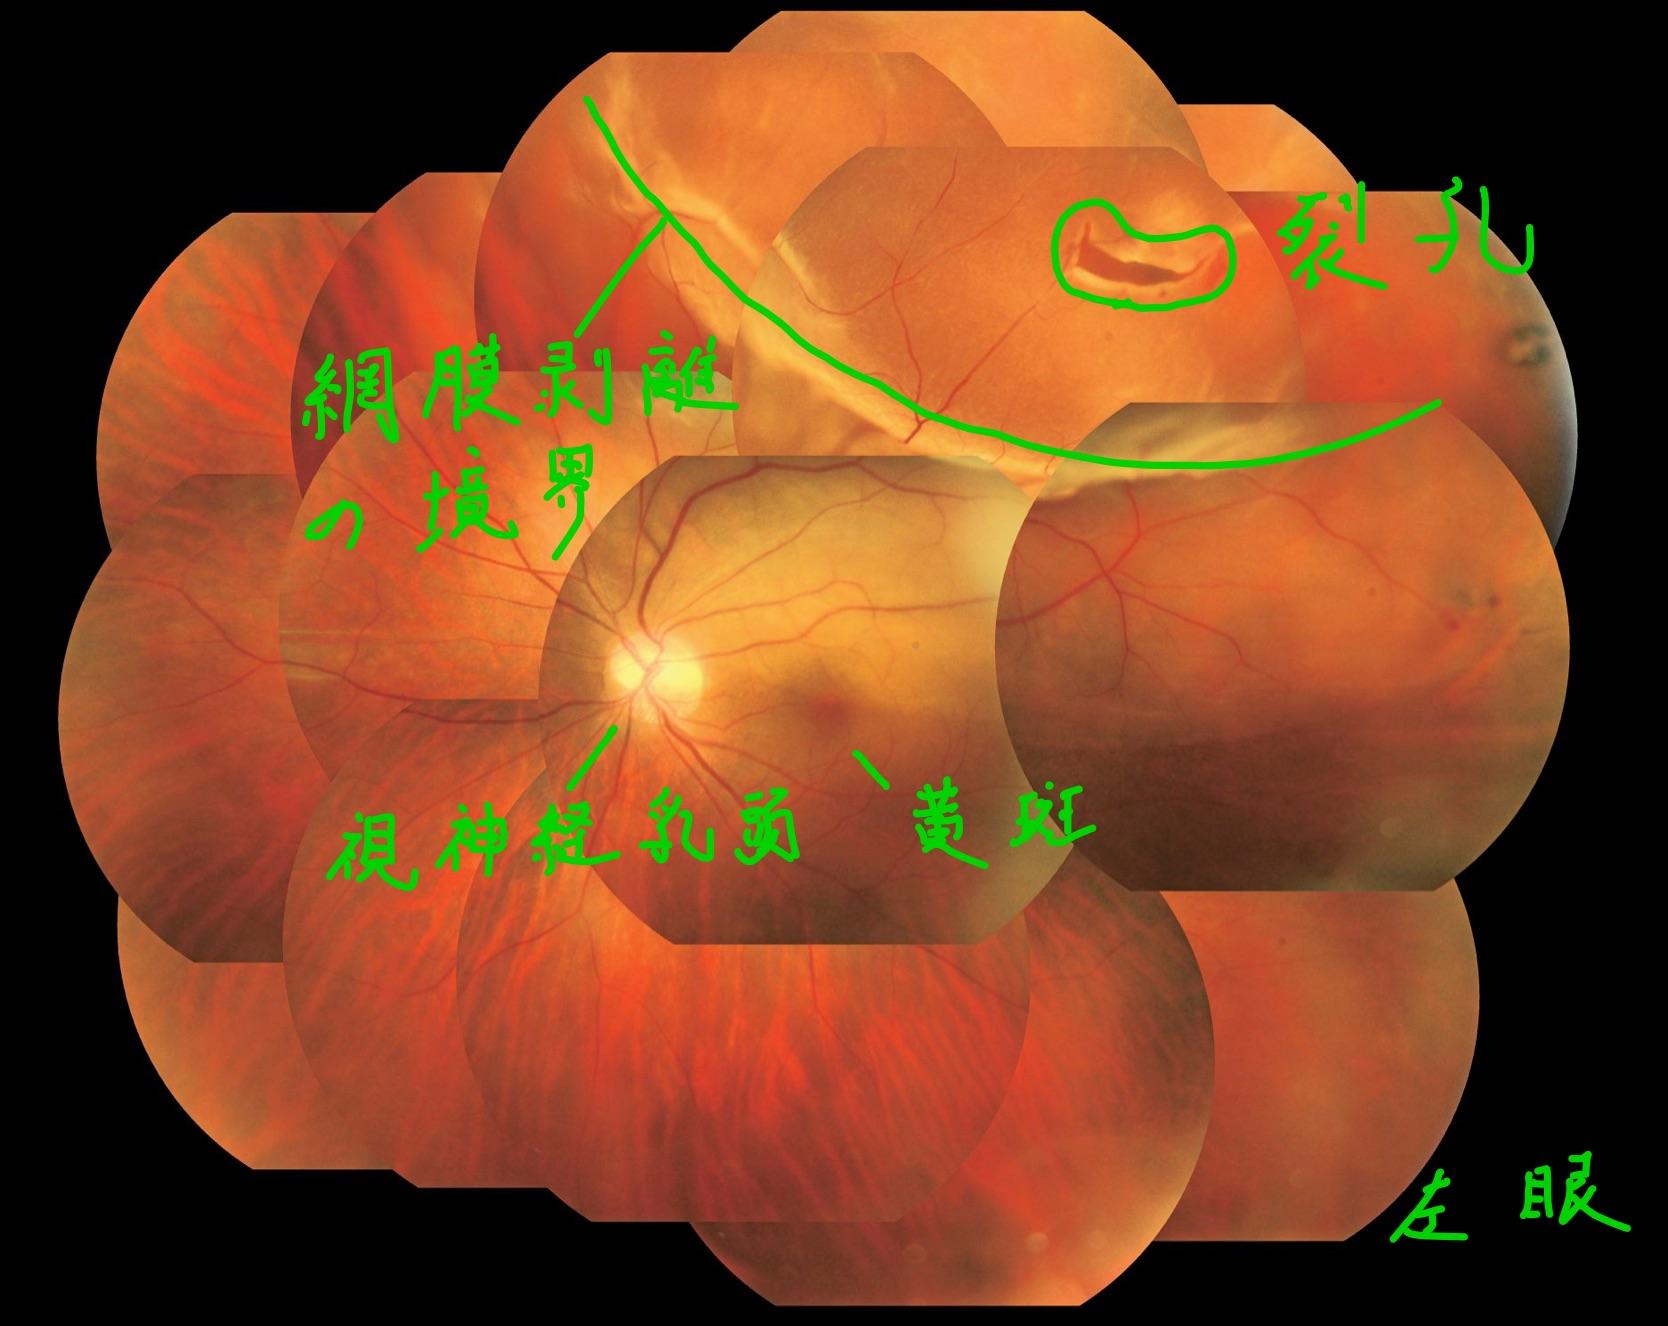 医師国家試験110A57_画像_裂孔原性網膜剥離の眼底写真_改変